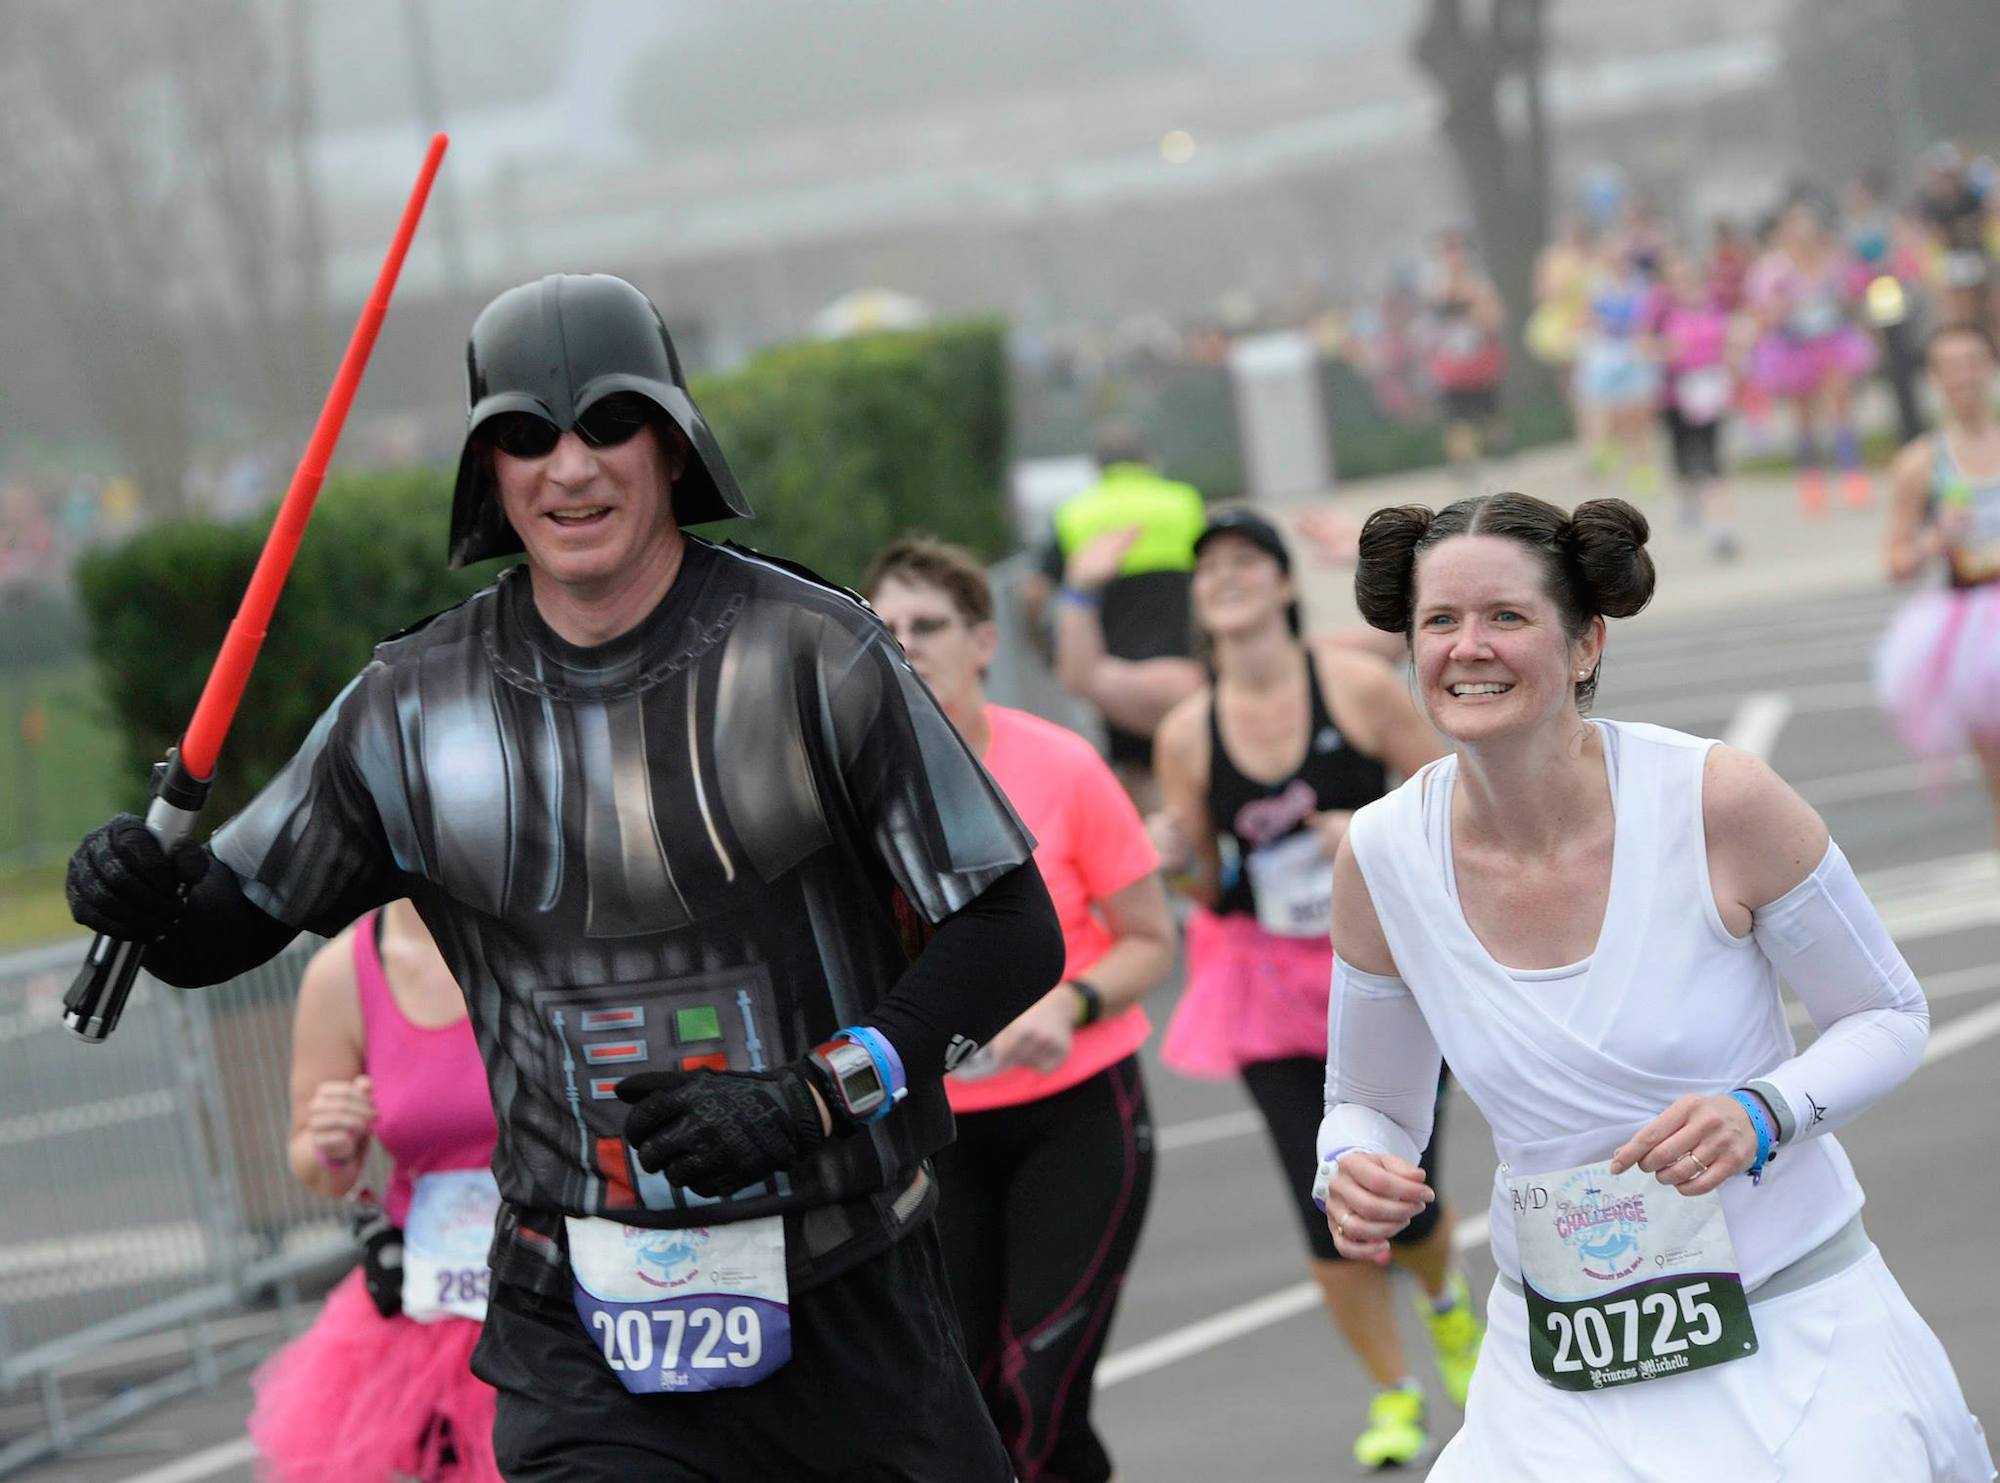 Необычные марафонские костюмы 3